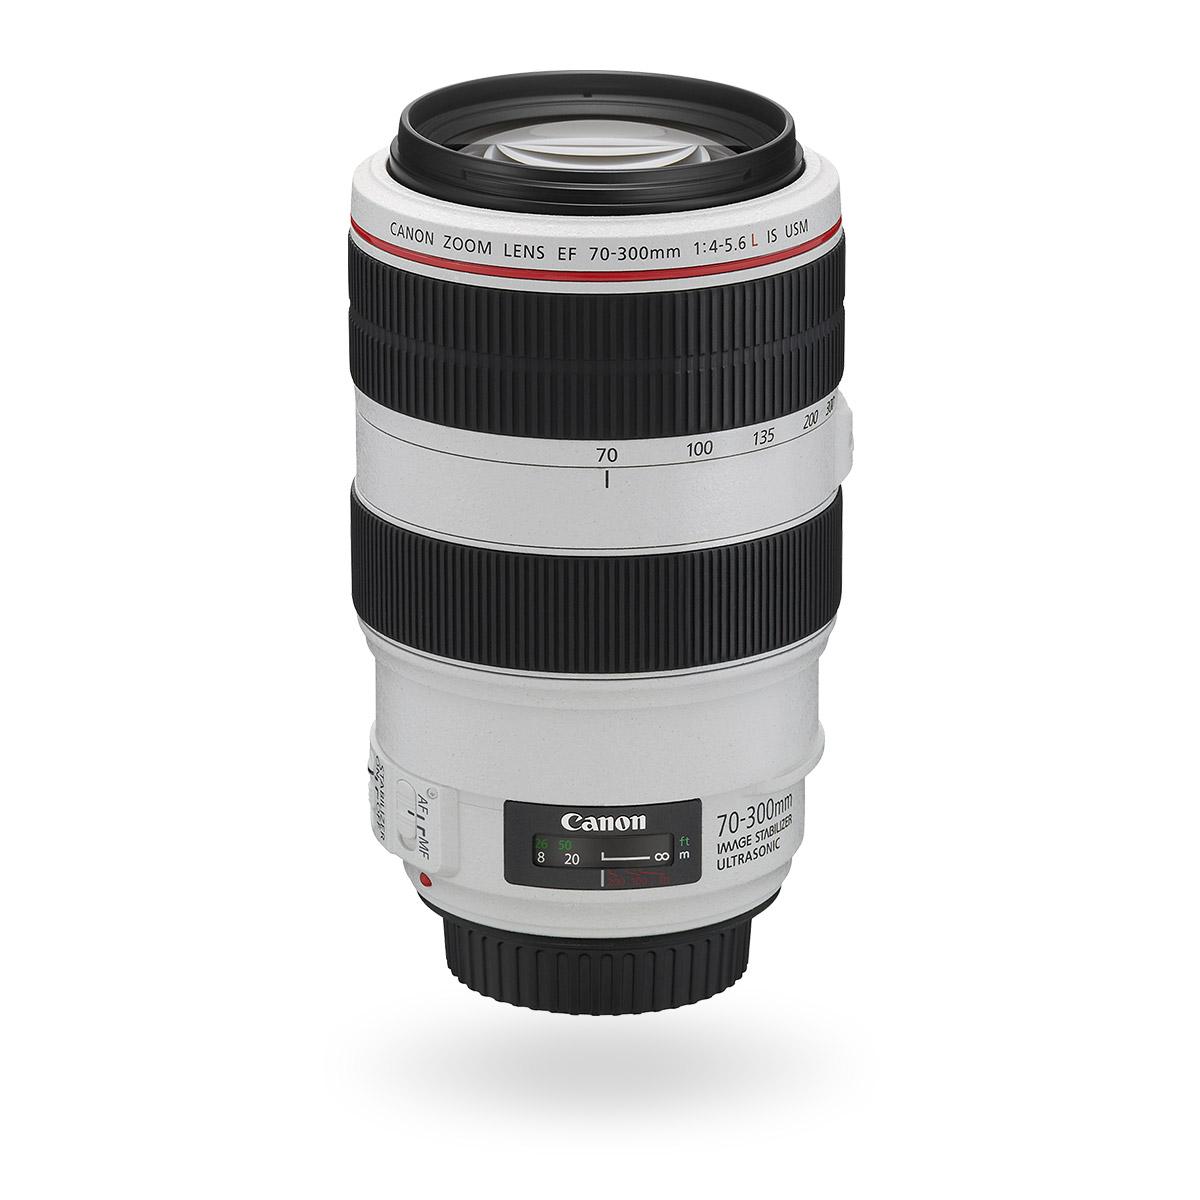 EF 70-300mm f/4-5.6L IS USM lens